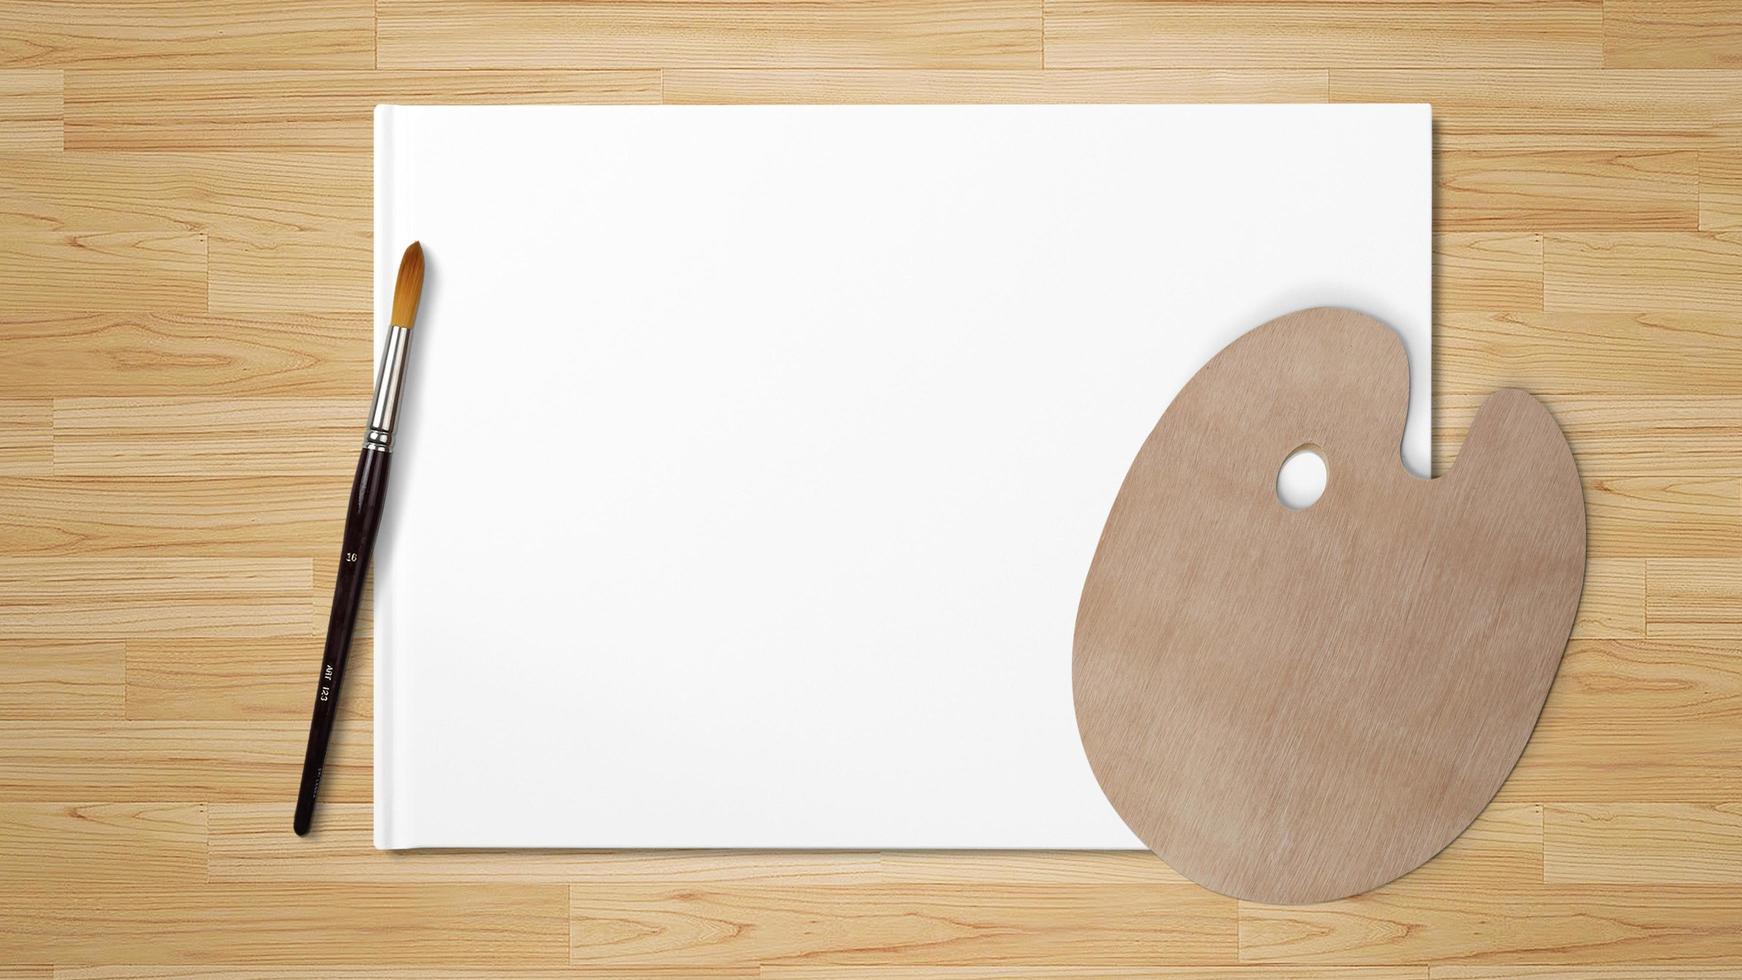 ny träpalett med konstborste, isolerad på vit bakgrund och träbakgrund foto